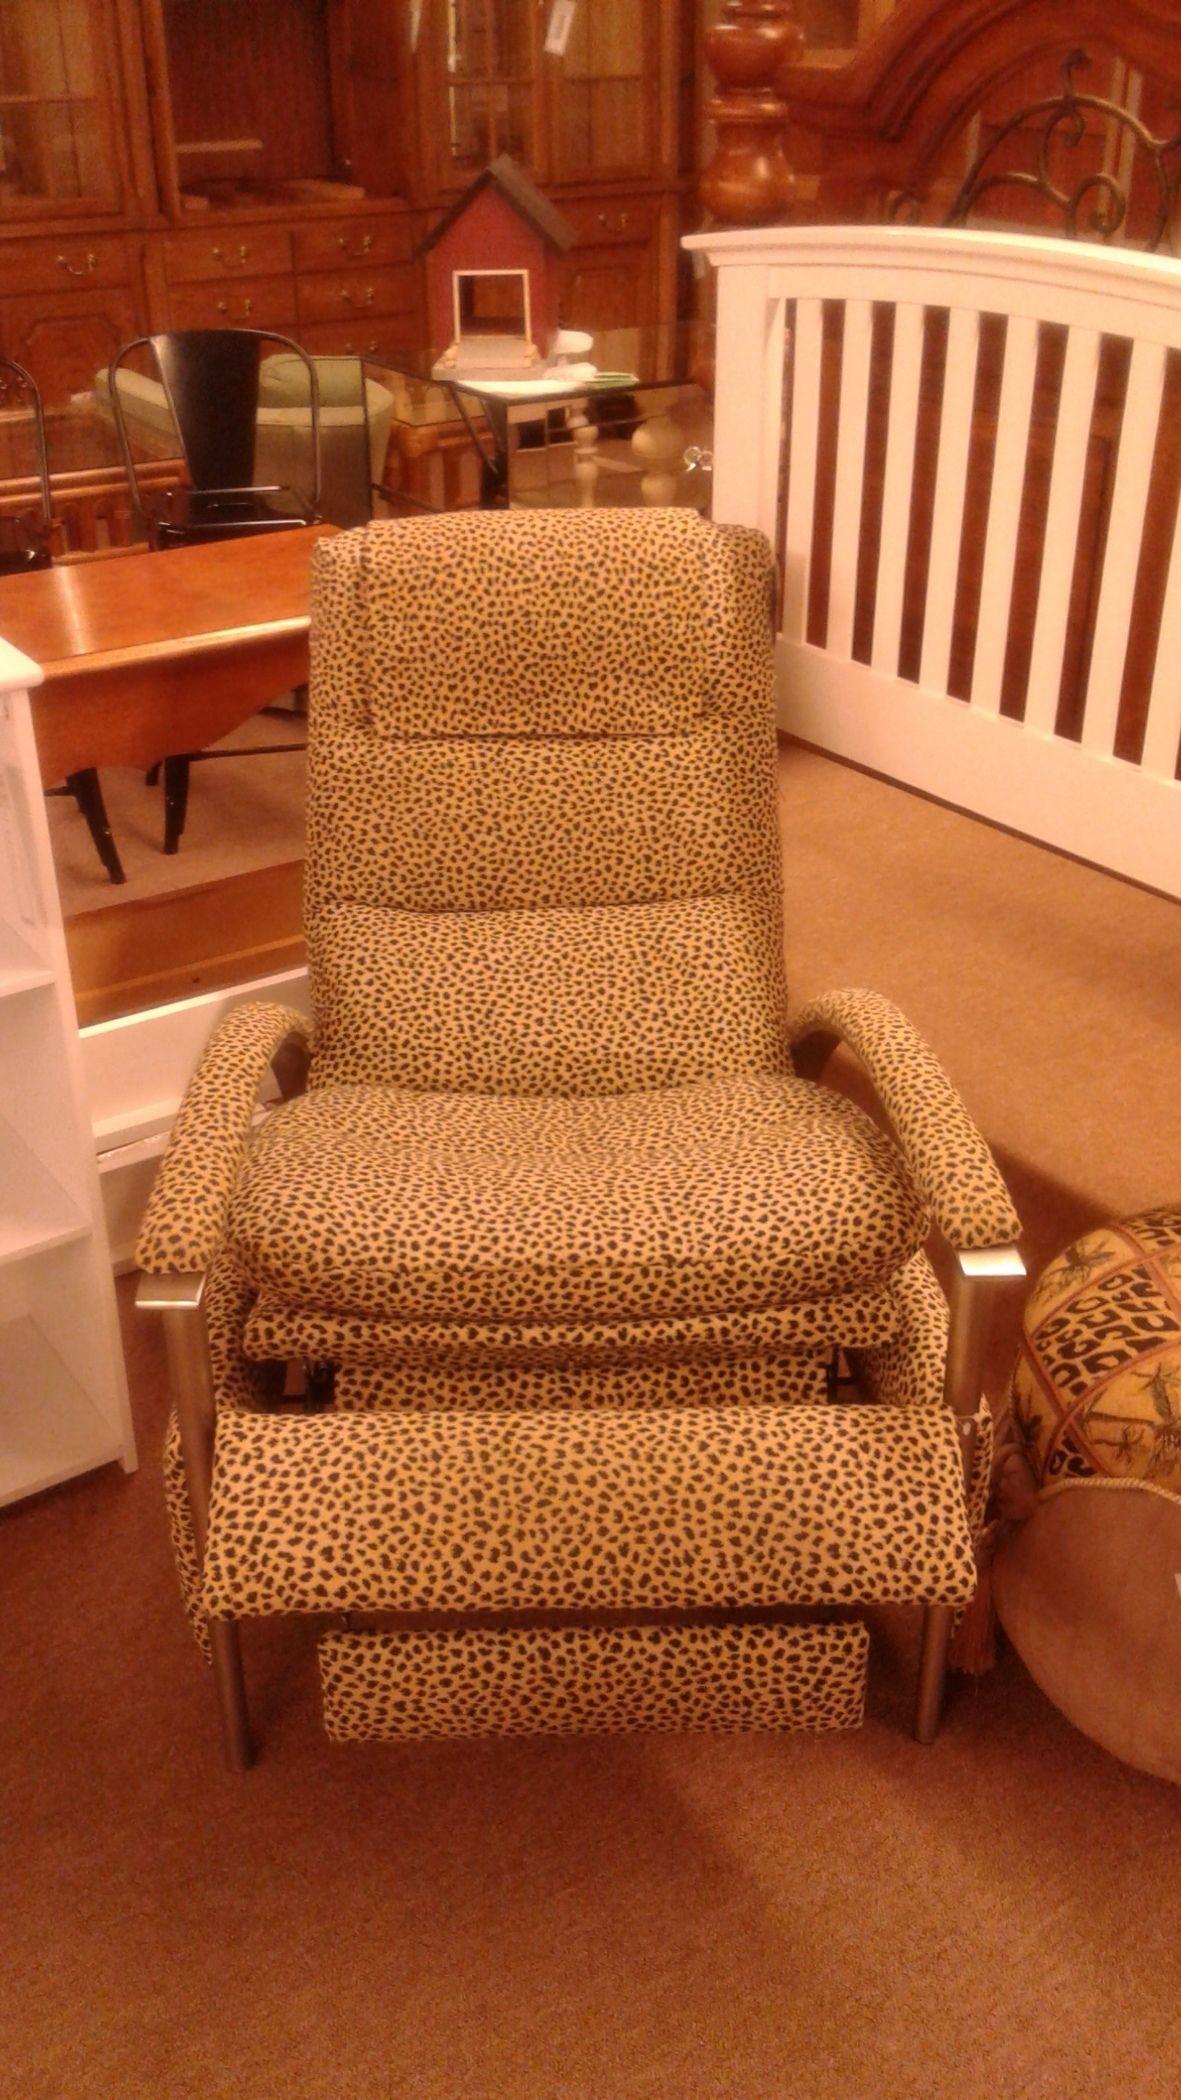 Ethan Allen Radius Recliner Delmarva Furniture Consignment